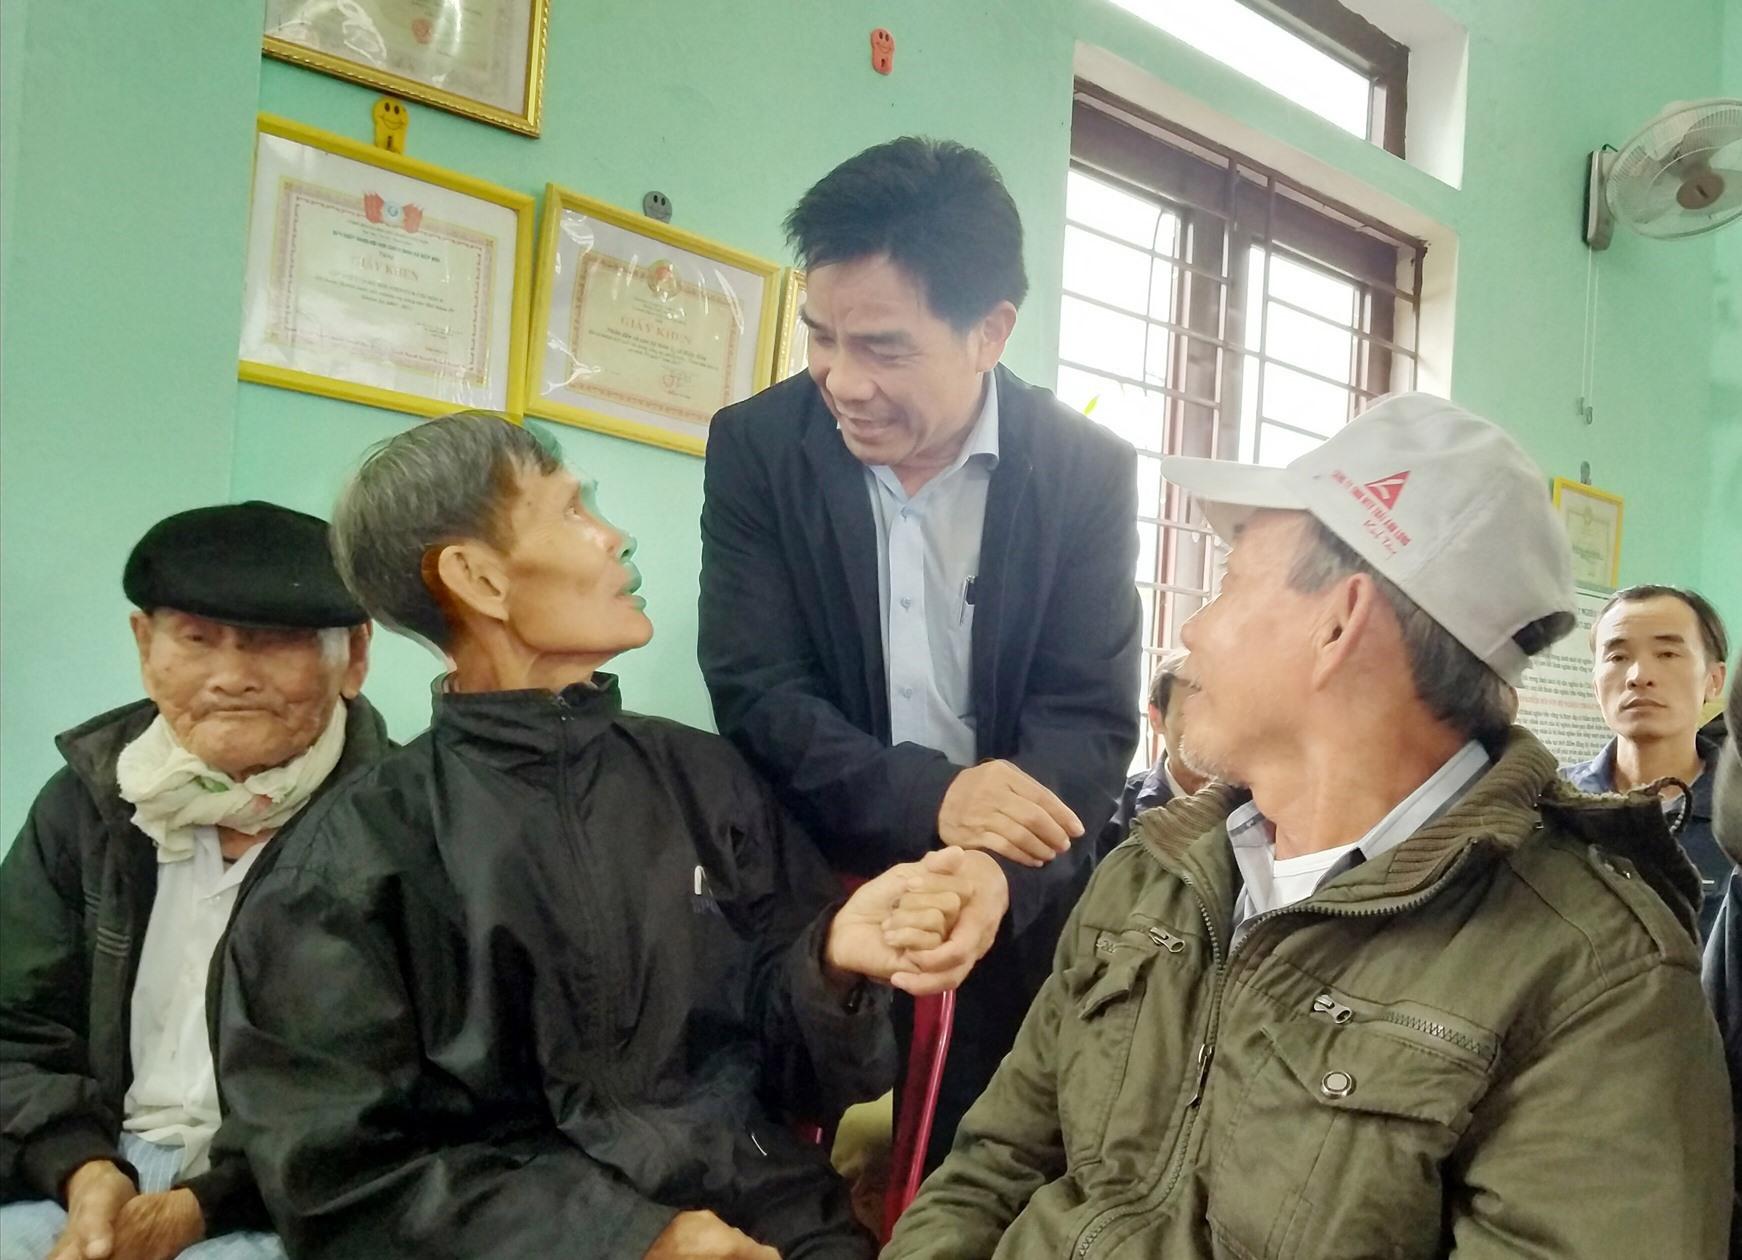 Phó Bí thư Thường trực Tỉnh ủy Lê Văn Dũng thăm hỏi bà con khu dân cư Trà Linh Tây (xã Hiệp Hòa, Hiệp Đức) khi về dự ngày hội đại đoàn kết. Ảnh: NGUYÊN ĐOAN